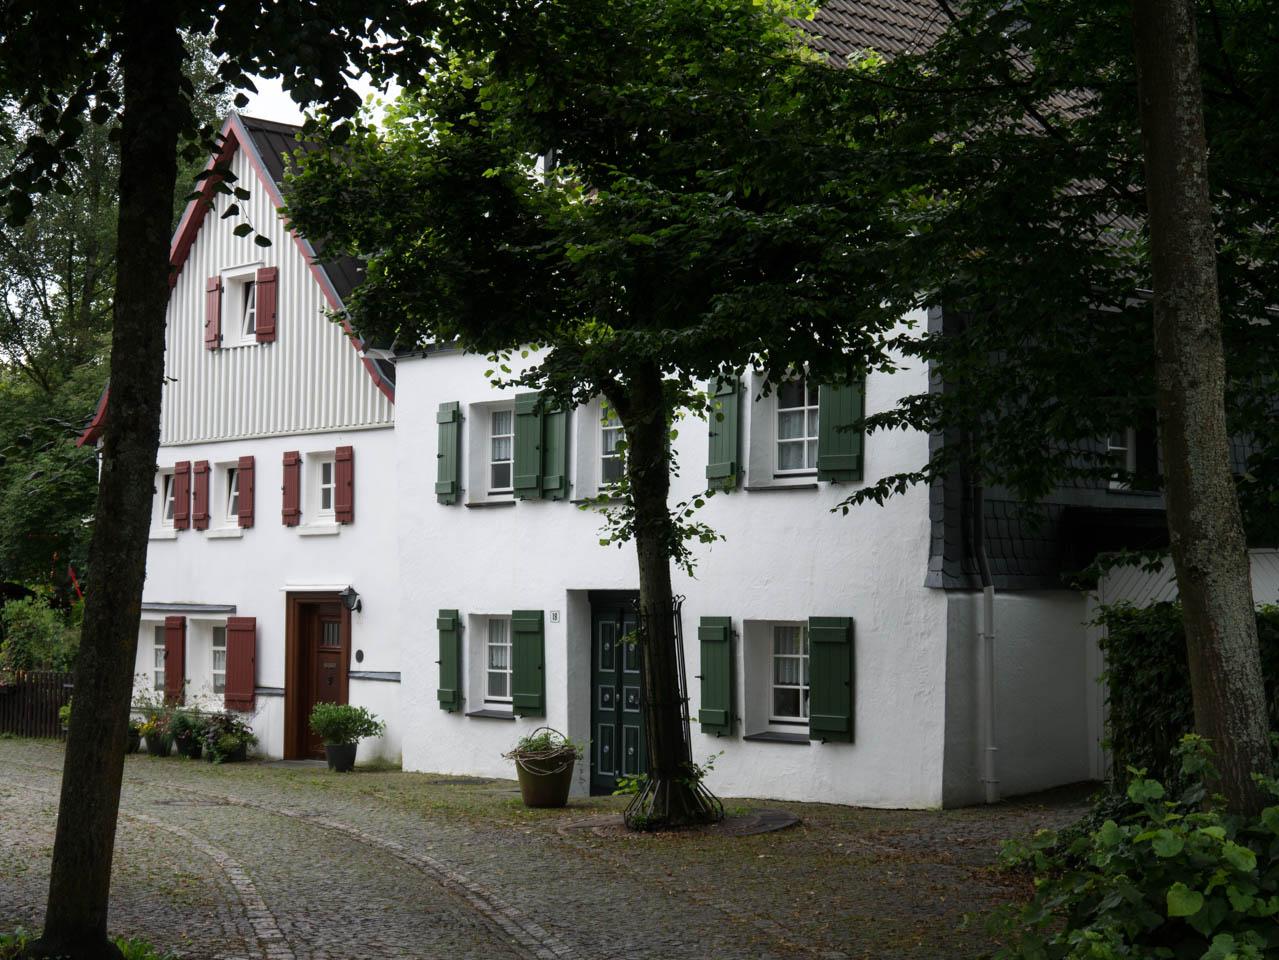 Kleinstadtidyll (1 von 1)